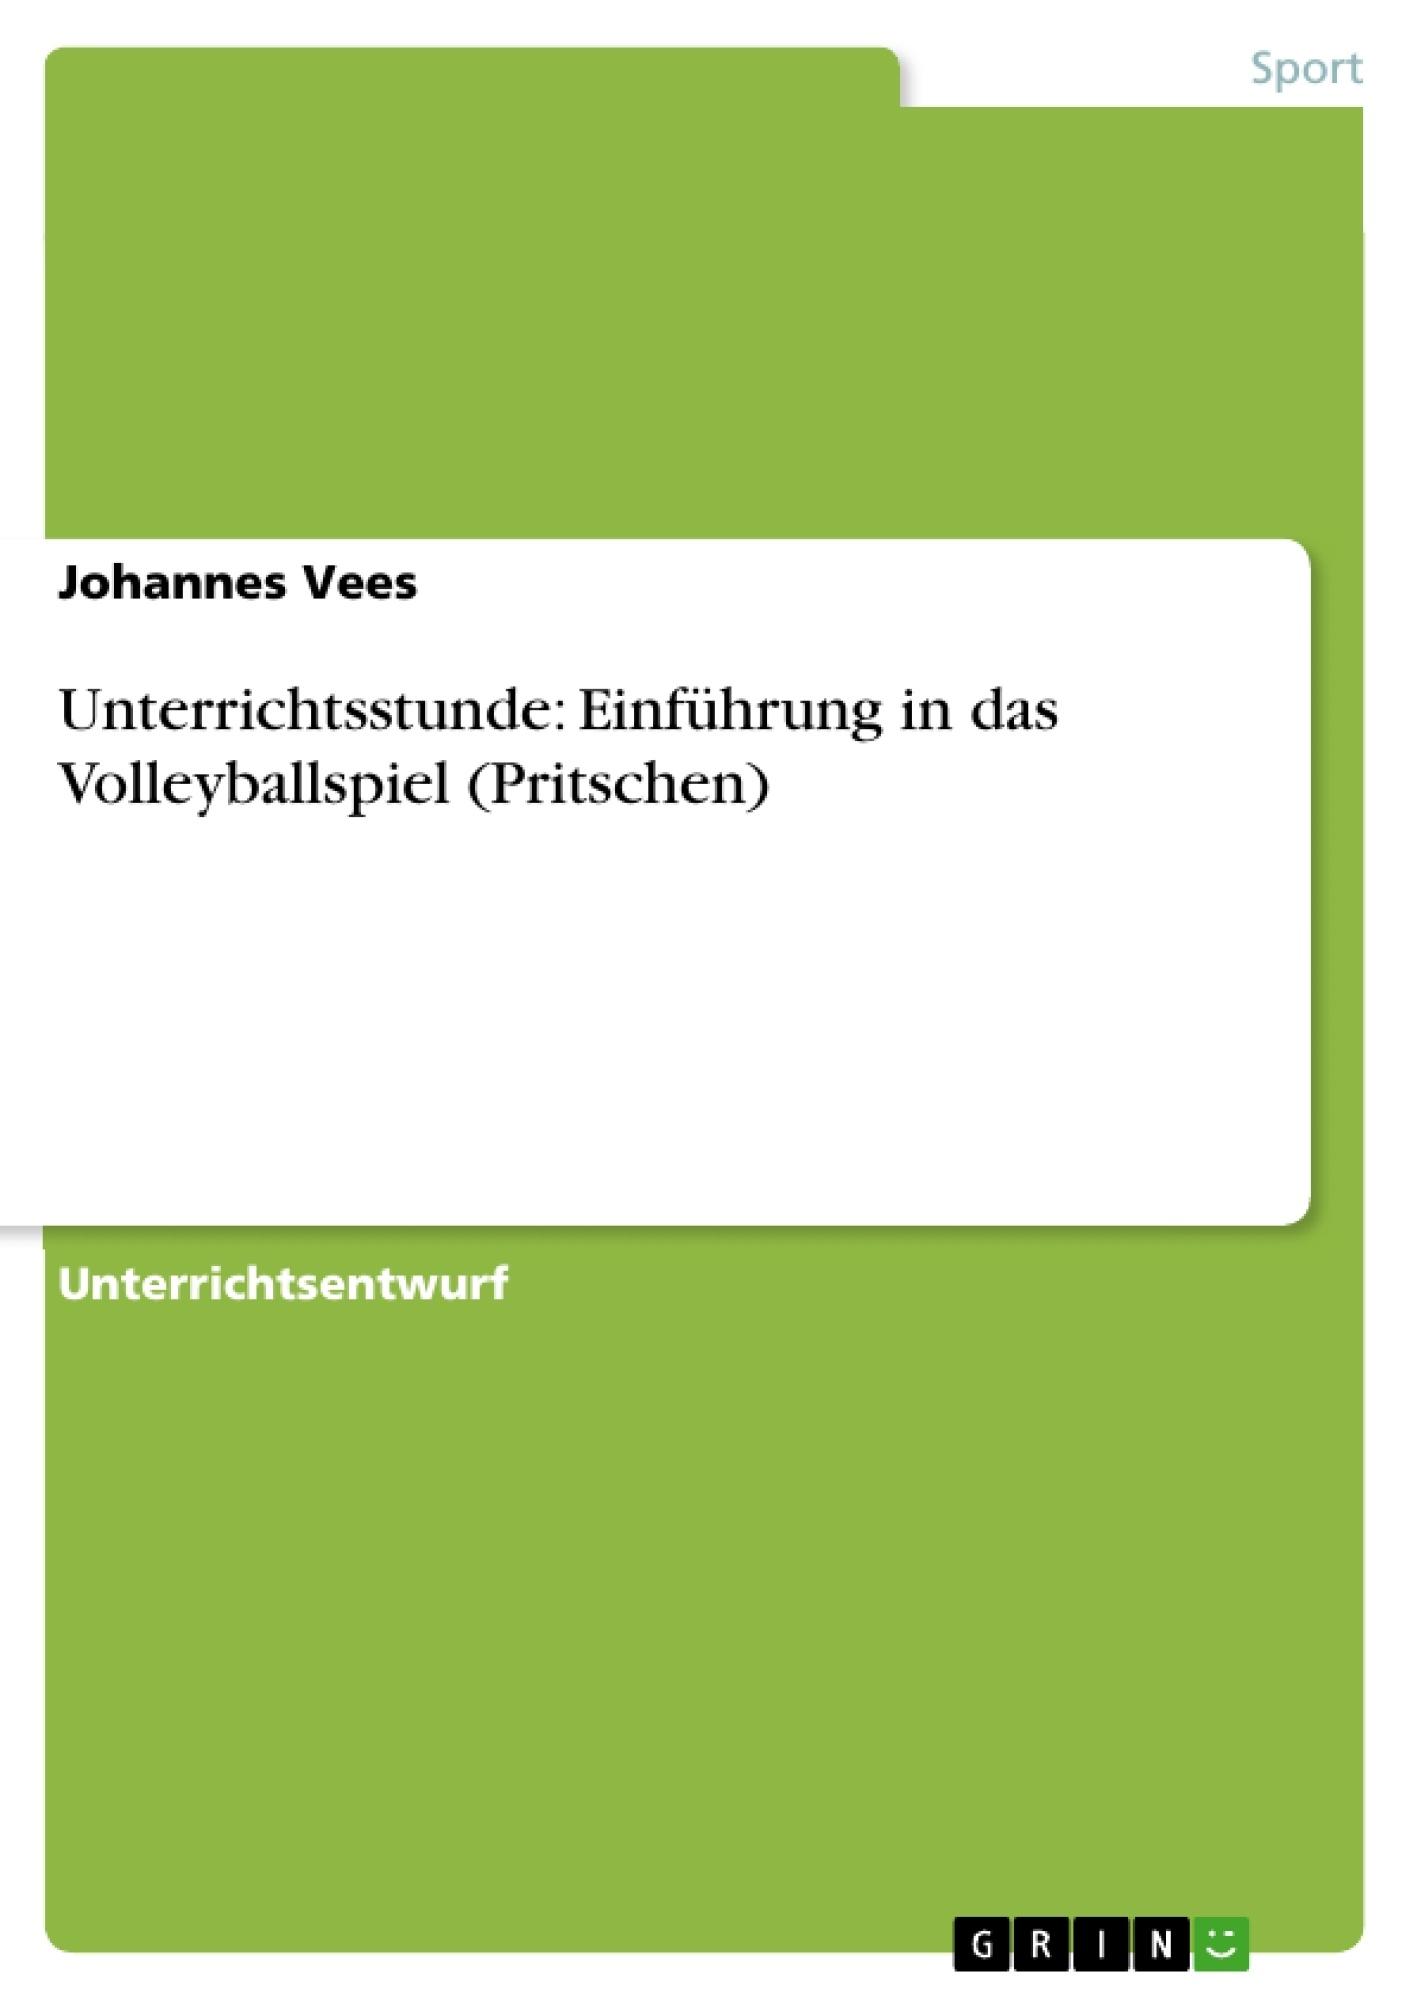 Titel: Unterrichtsstunde: Einführung in das Volleyballspiel (Pritschen)